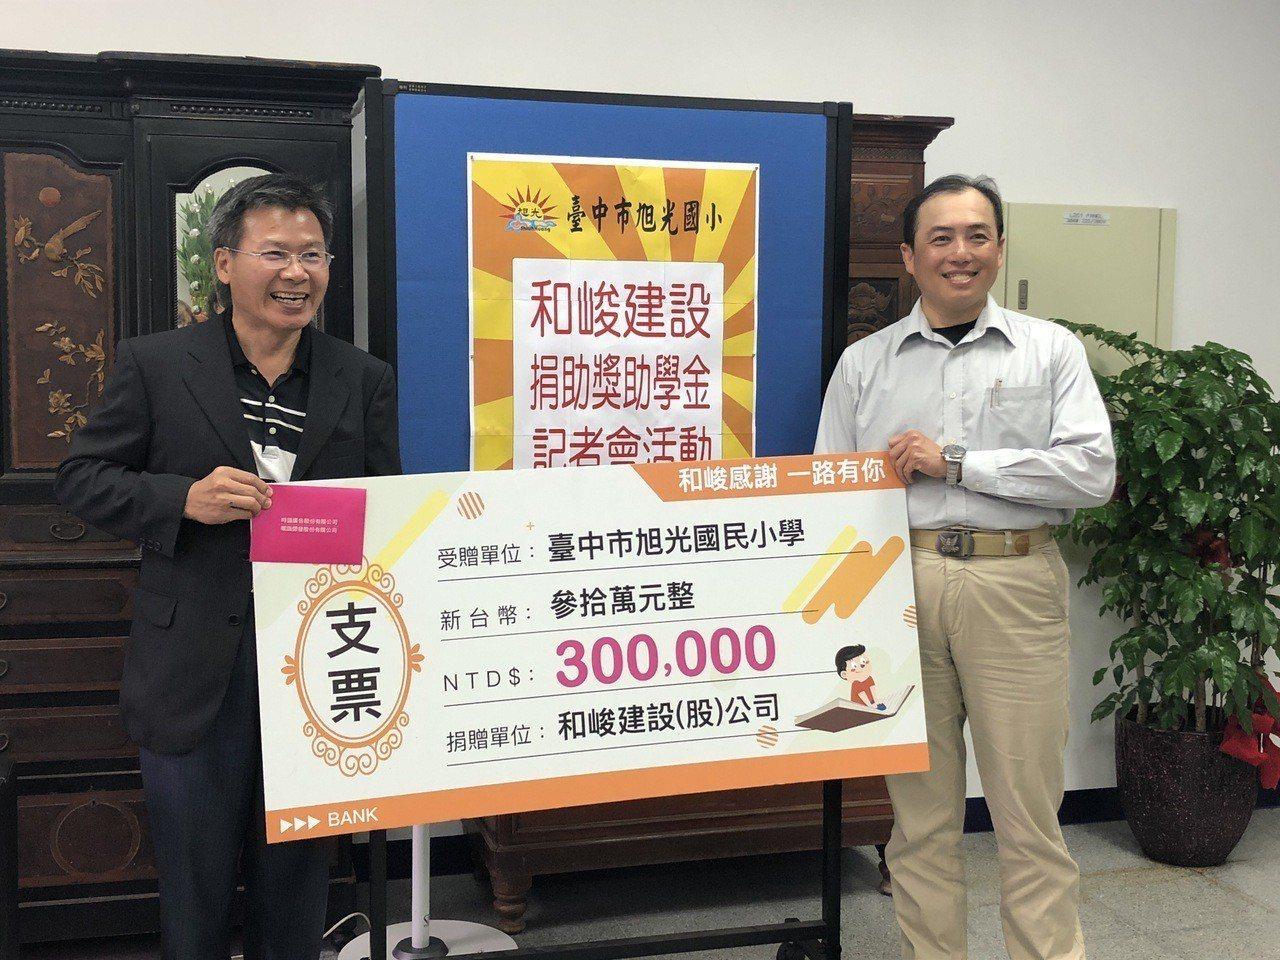 和峻建設副理張展溢(右)代表捐贈30萬元奬學金給旭光國小校長許慶昌(左)。記者宋...